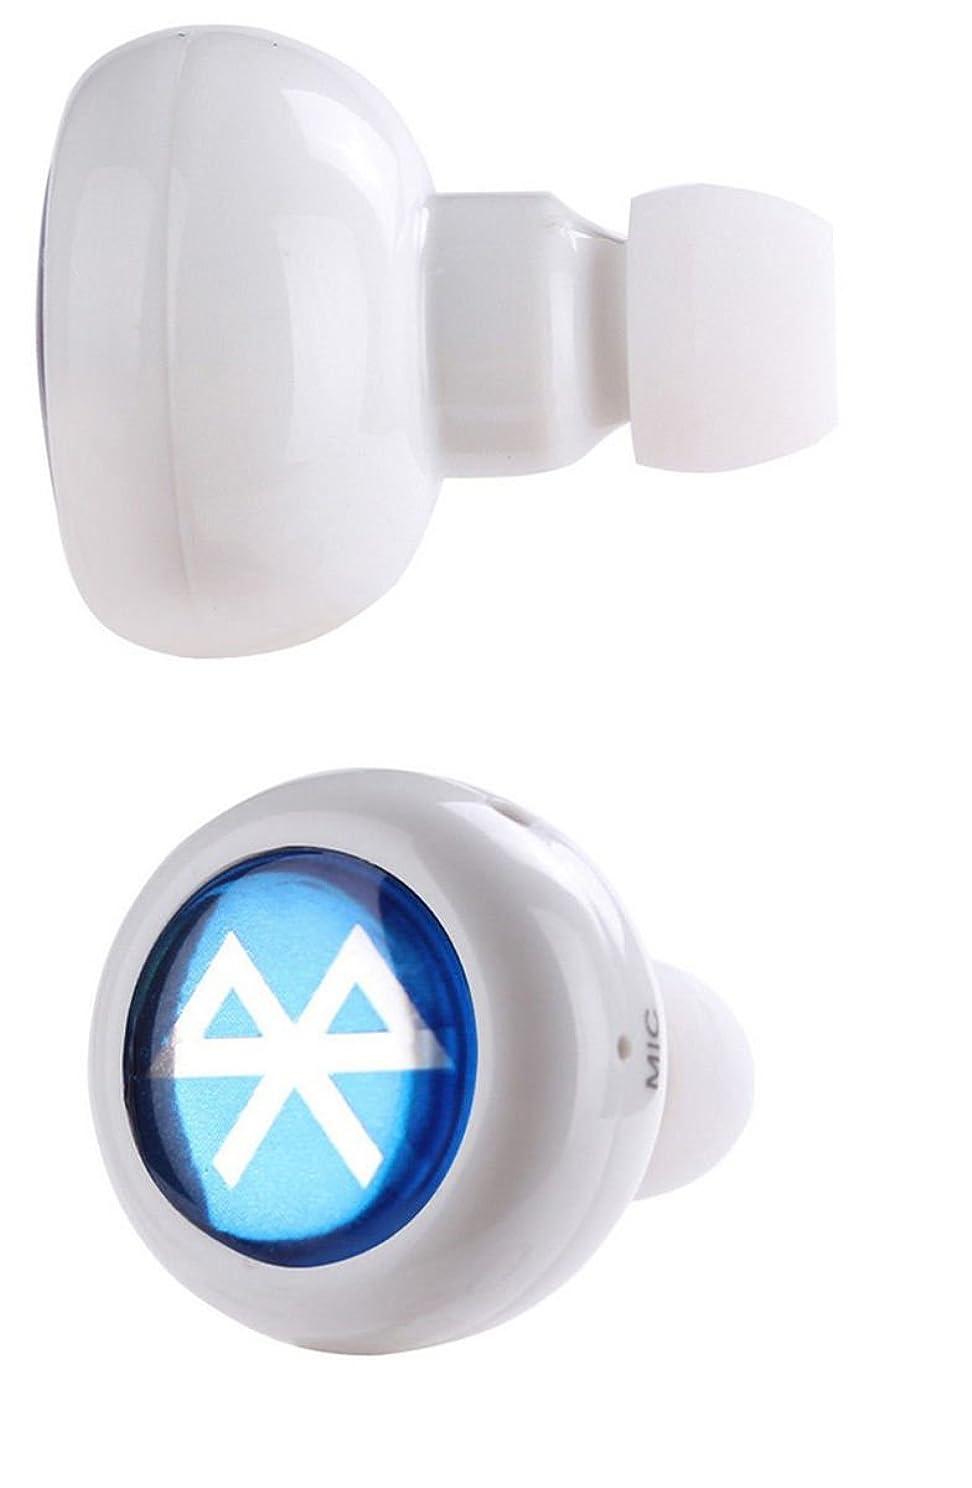 絶壁ピン示すミニワイヤレス Bluetooth イヤホン/ヘッドホン携帯電話/ラップトップ/タブレットPCに適用 (ホワイト)